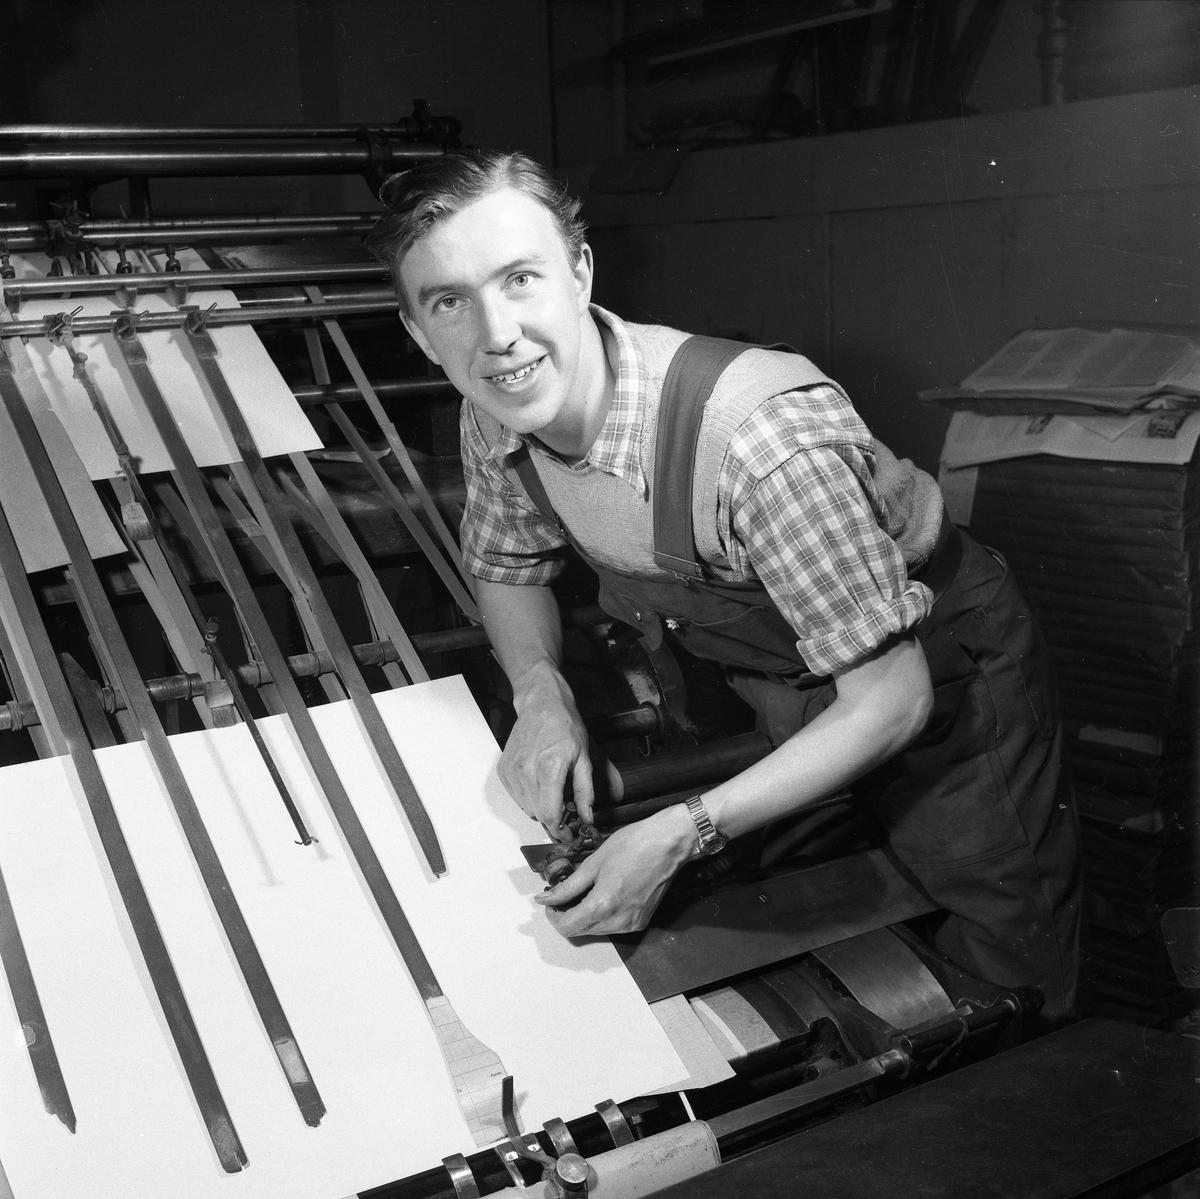 Arboga Tidning, interiör, personal. En man, med snickarbyxor och uppkavlade skjortärmar, arbetar vid en maskin.